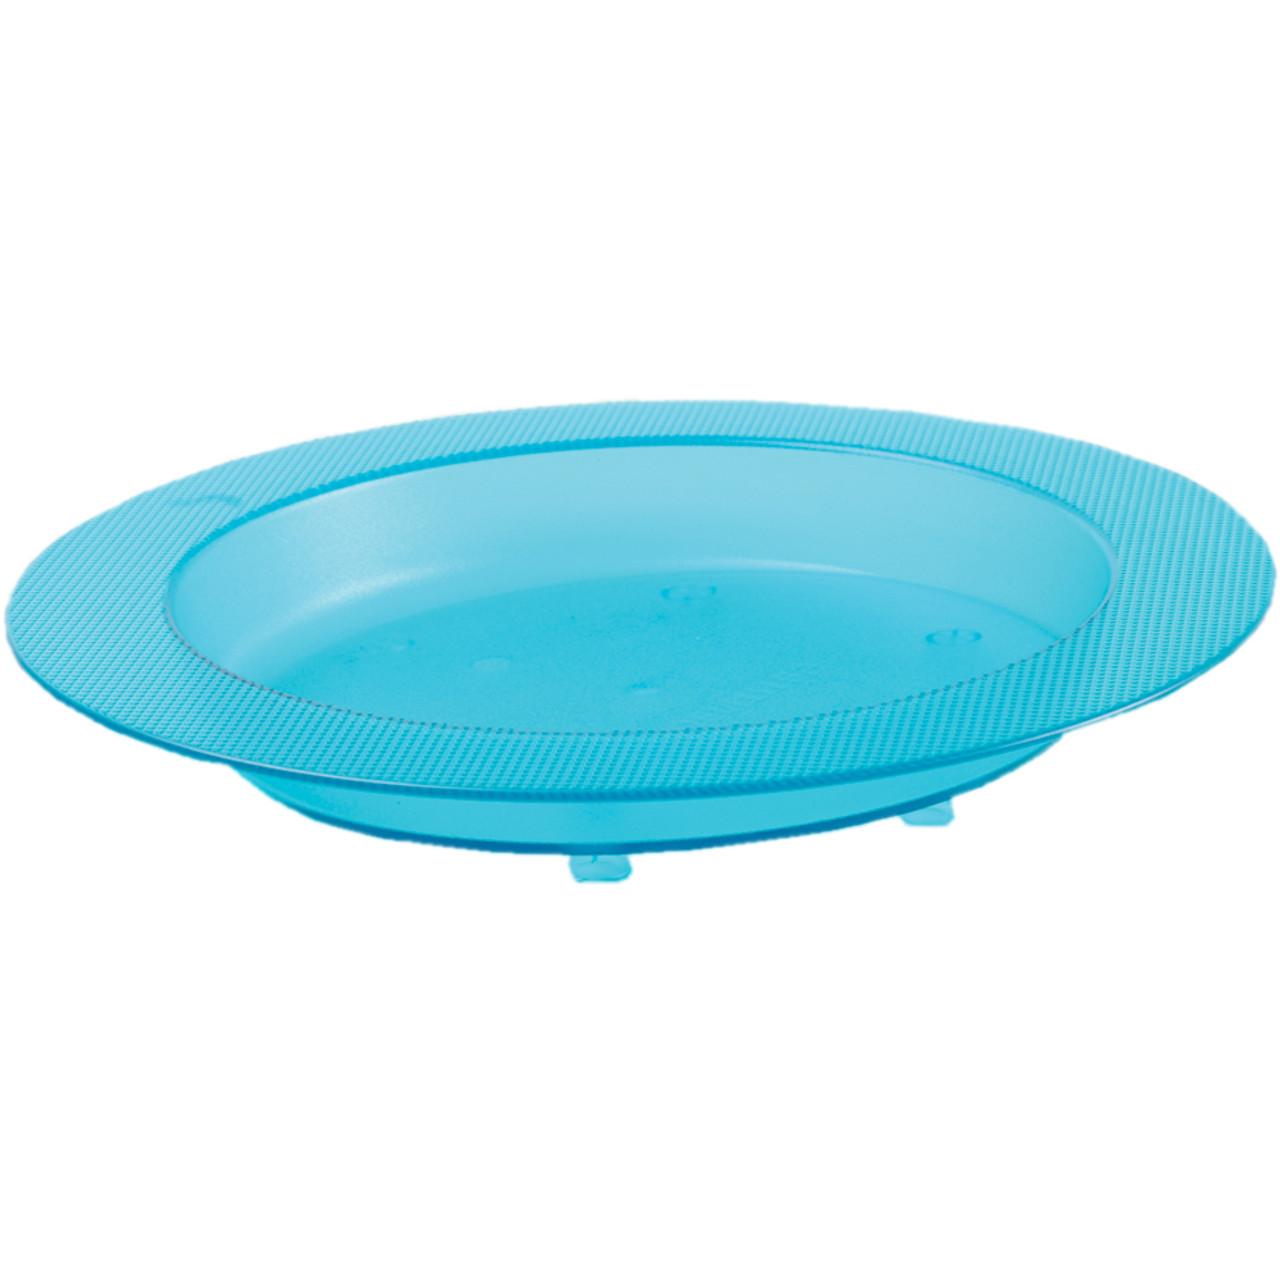 Blue Sloped Ergo Plate